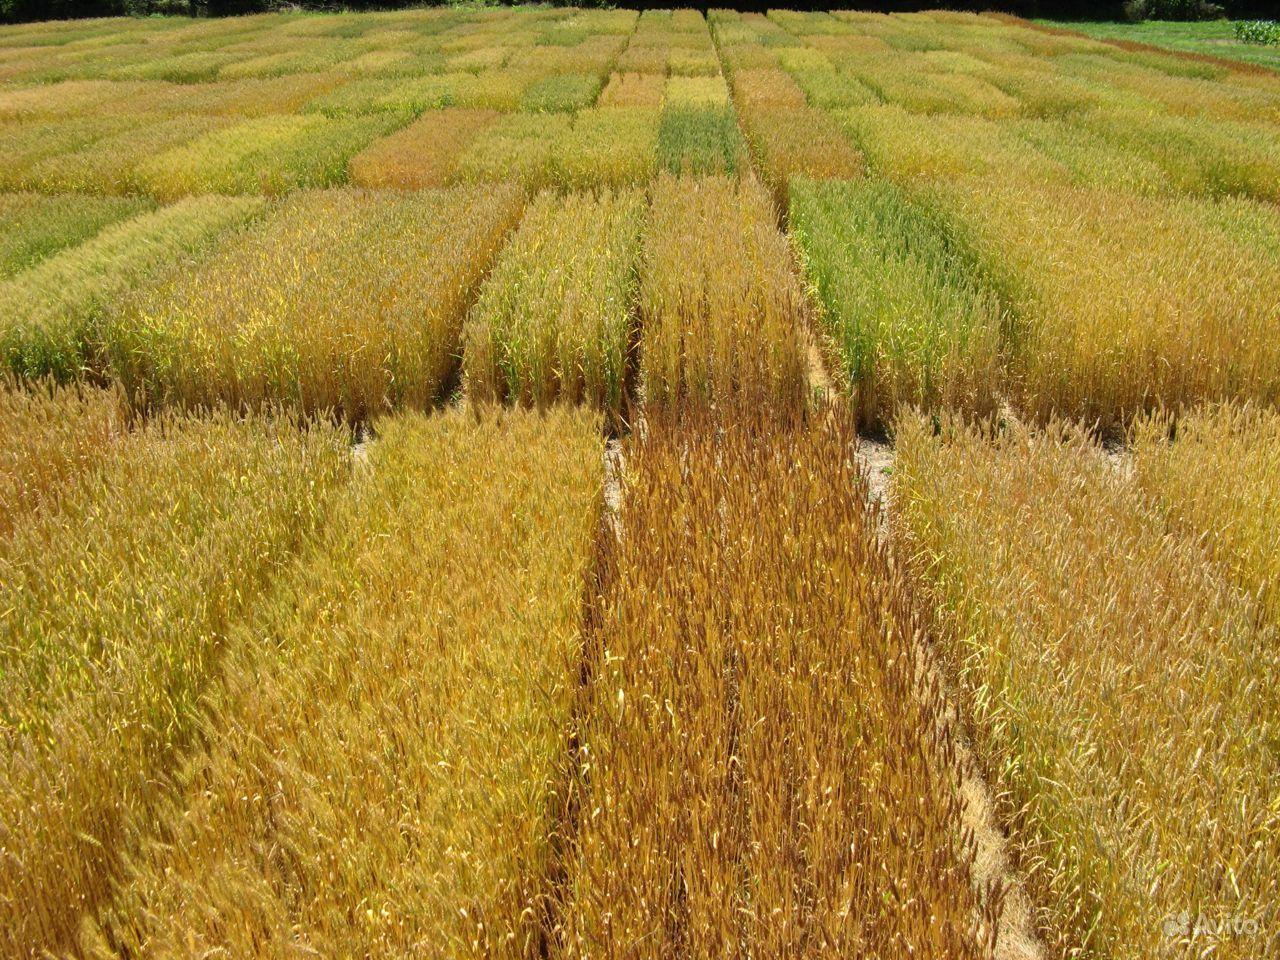 Семена озимой пшеницы. Суперэлита купить на Зозу.ру - фотография № 1